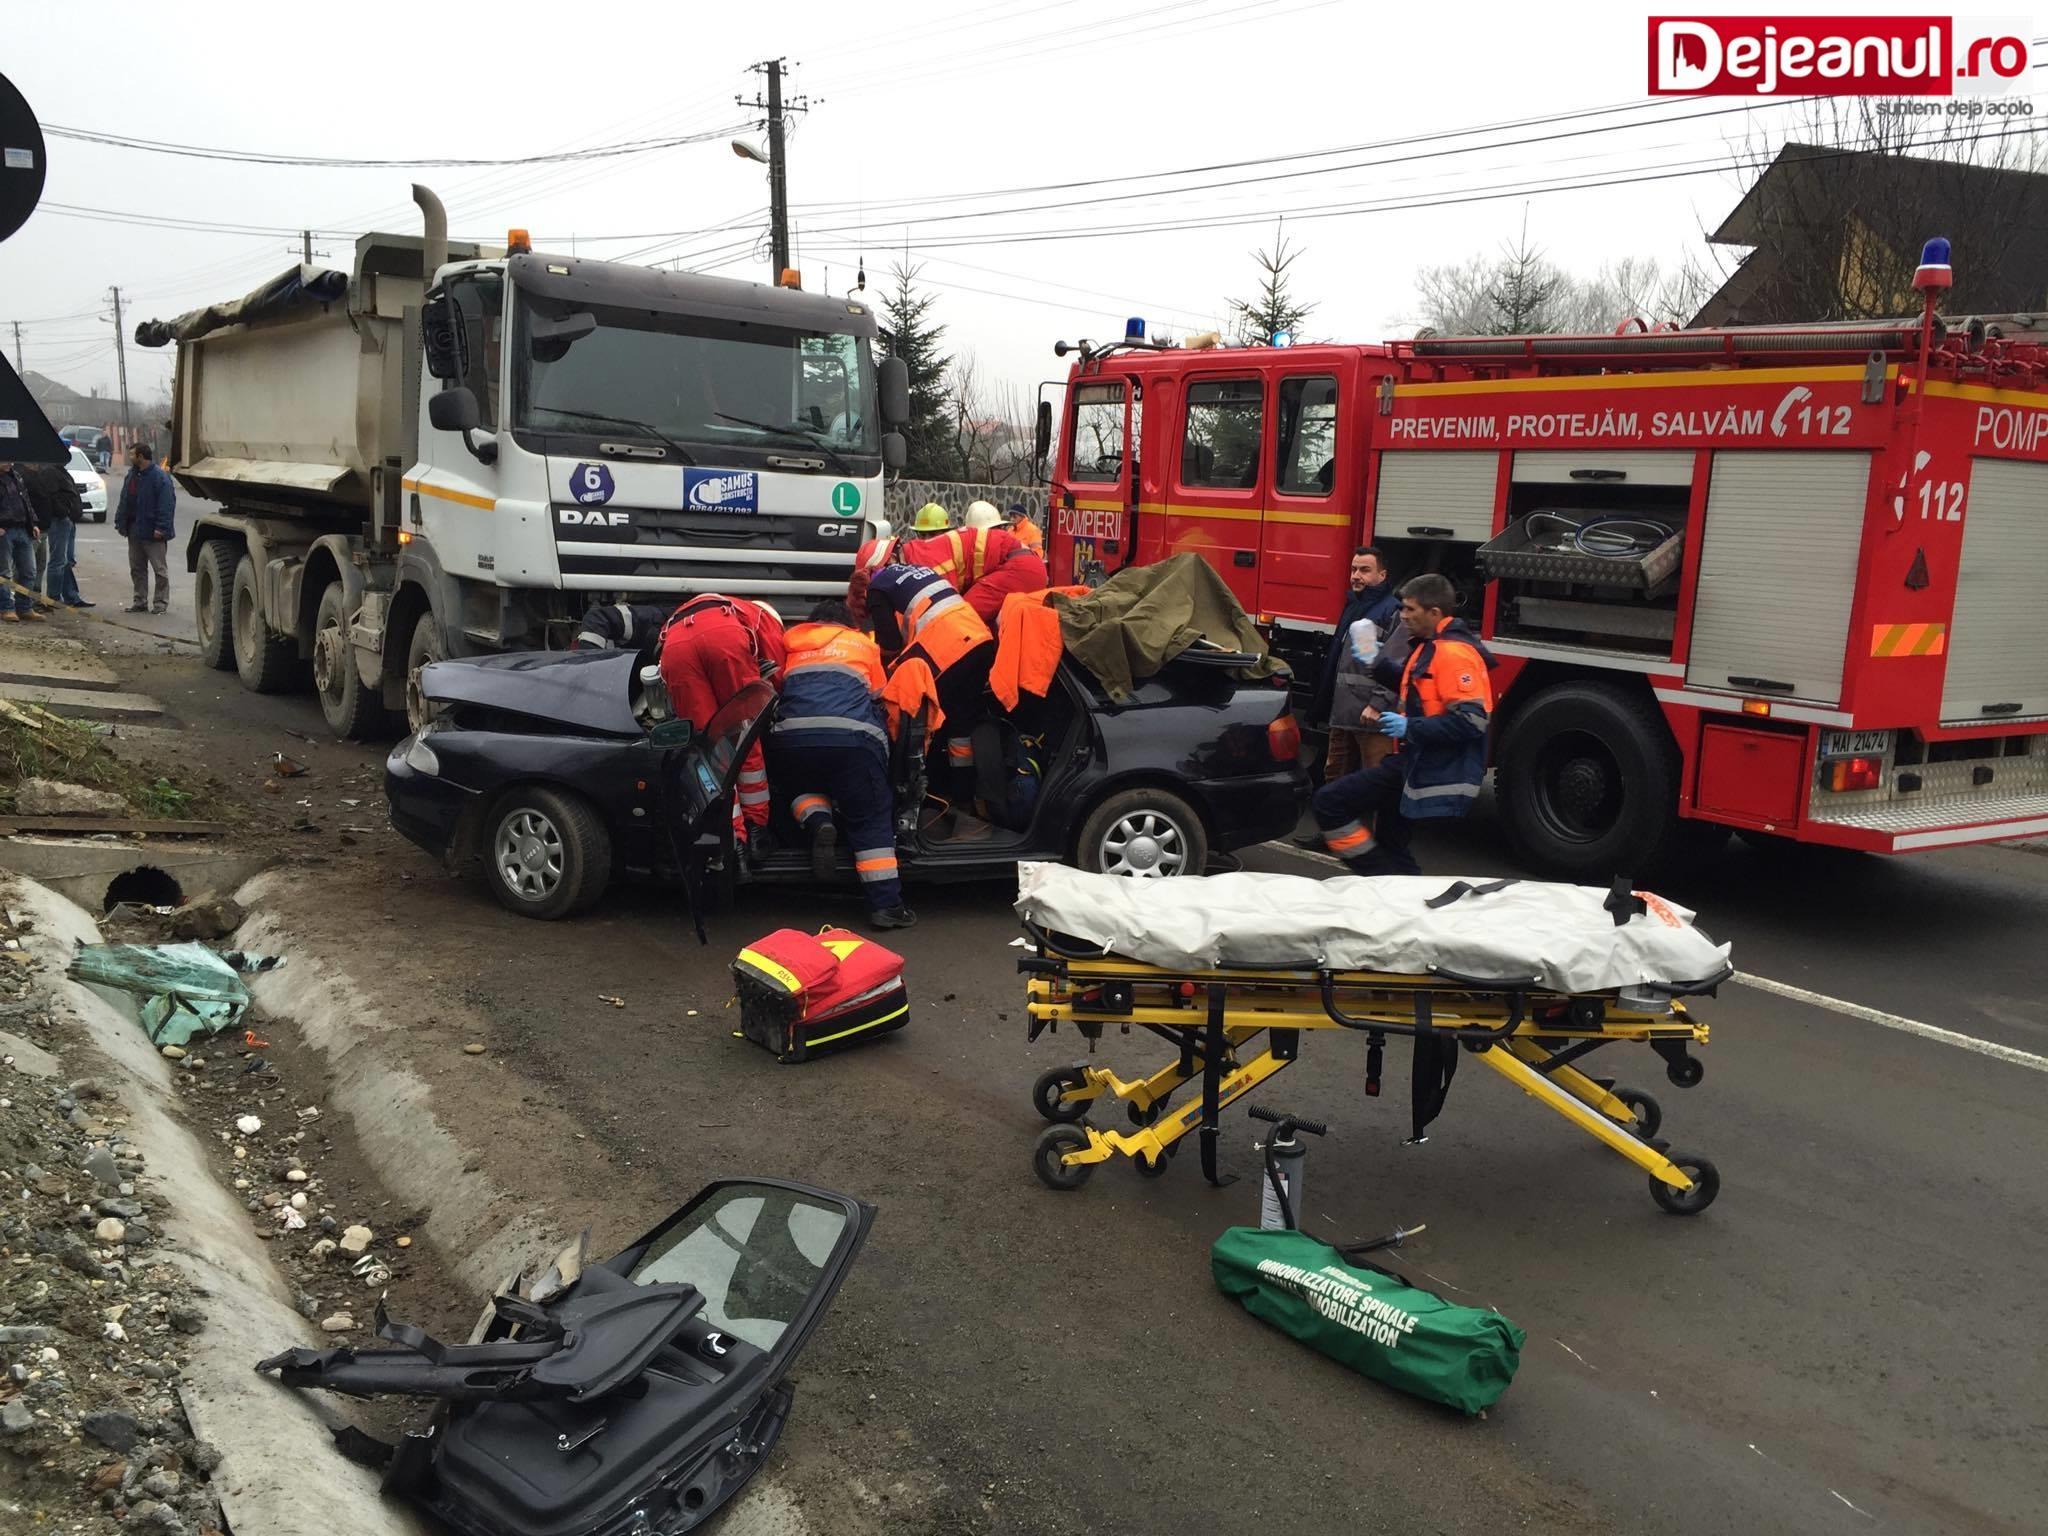 Un tânăr de 21 de ani a murit într-un accident la Dej. Se afla în mașină cu tatăl său VIDEO